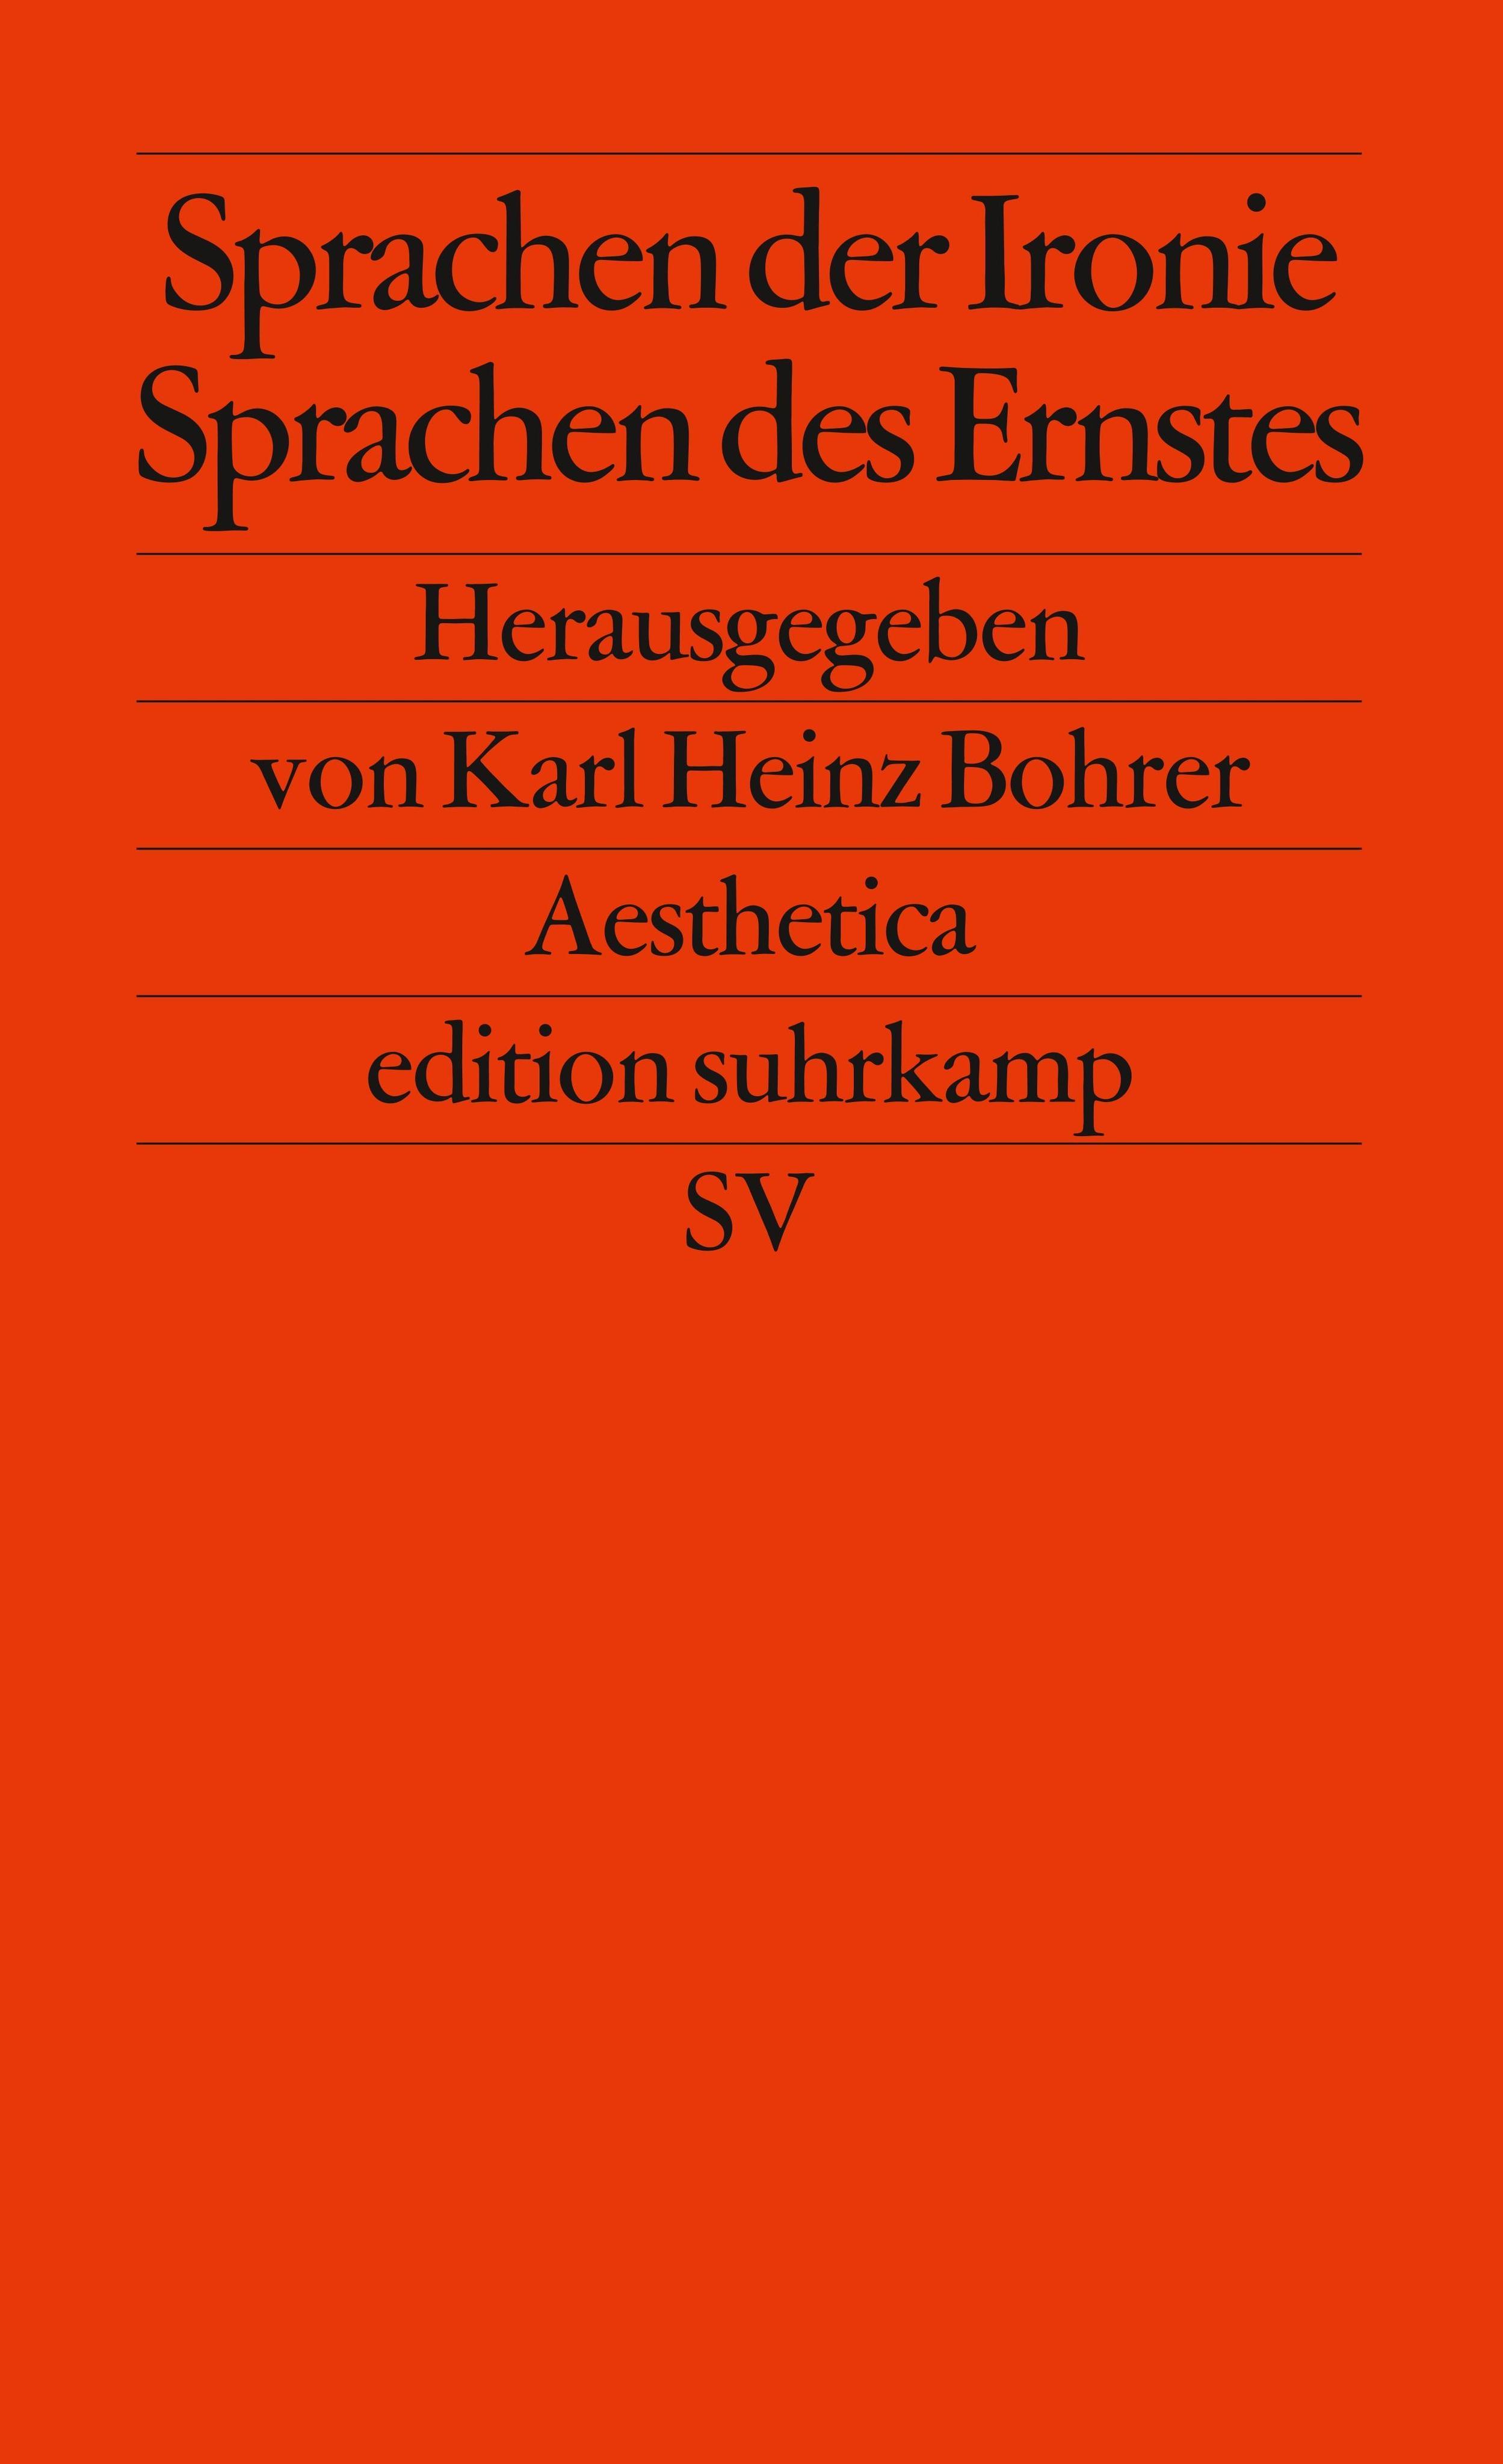 Karl-Heinz-Bohrer-Sprachen-der-Ironie-Sprachen-des-Ernst-9783518120835